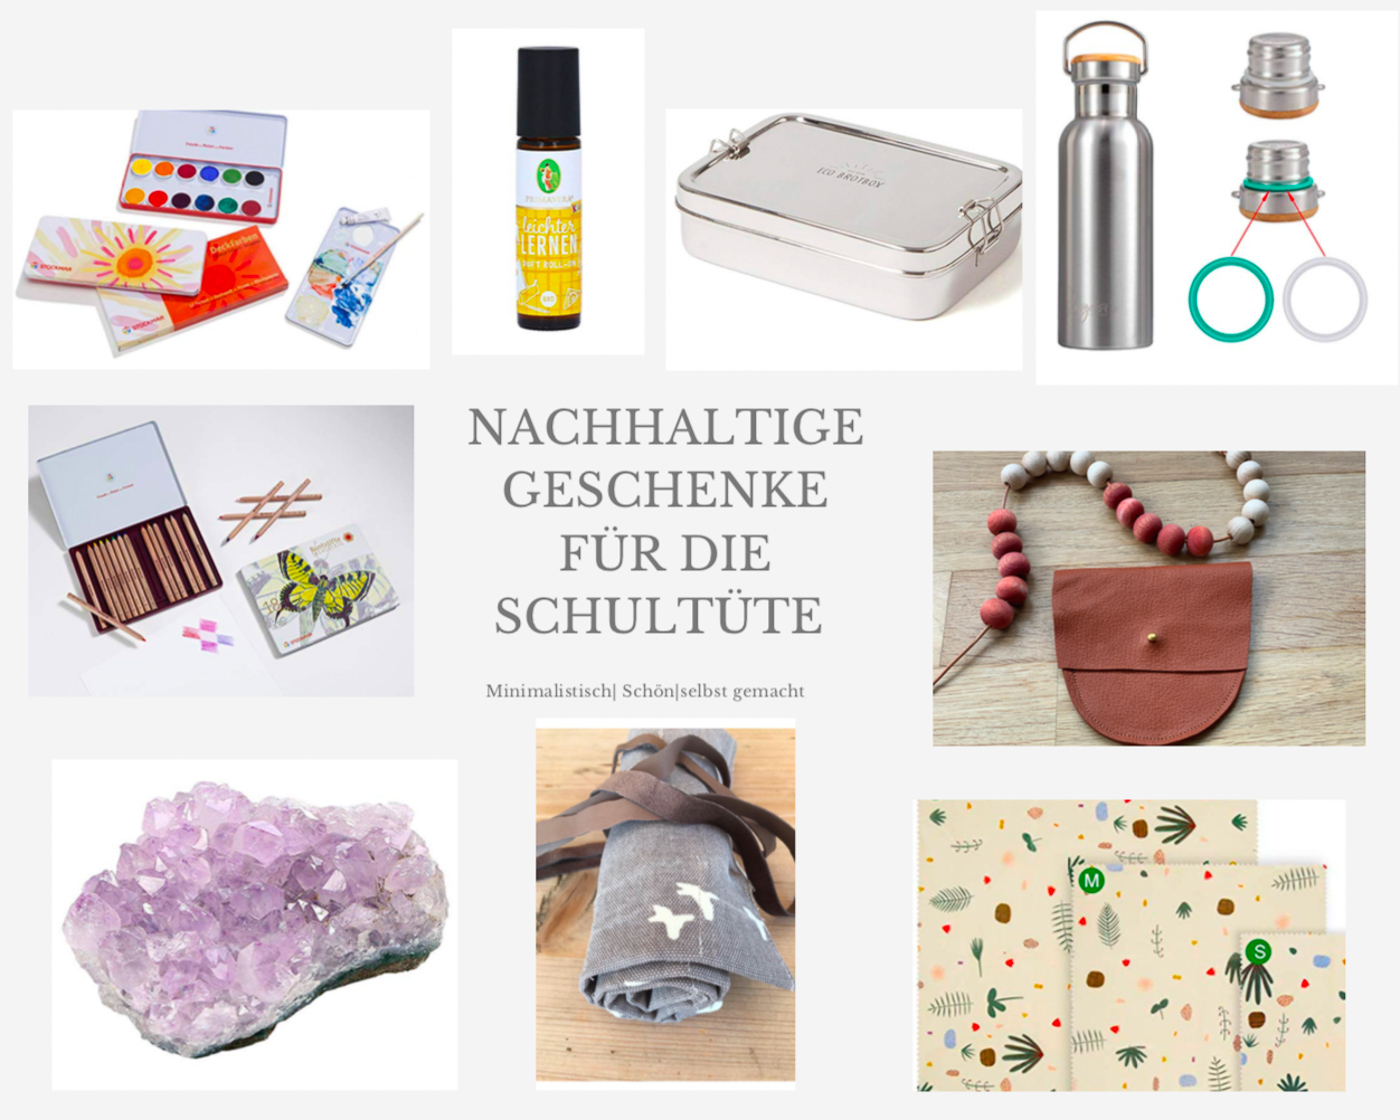 Nachhaltige Geschenke zur Einschulung bei Elfenkindberlin | elfenkindberlin.de